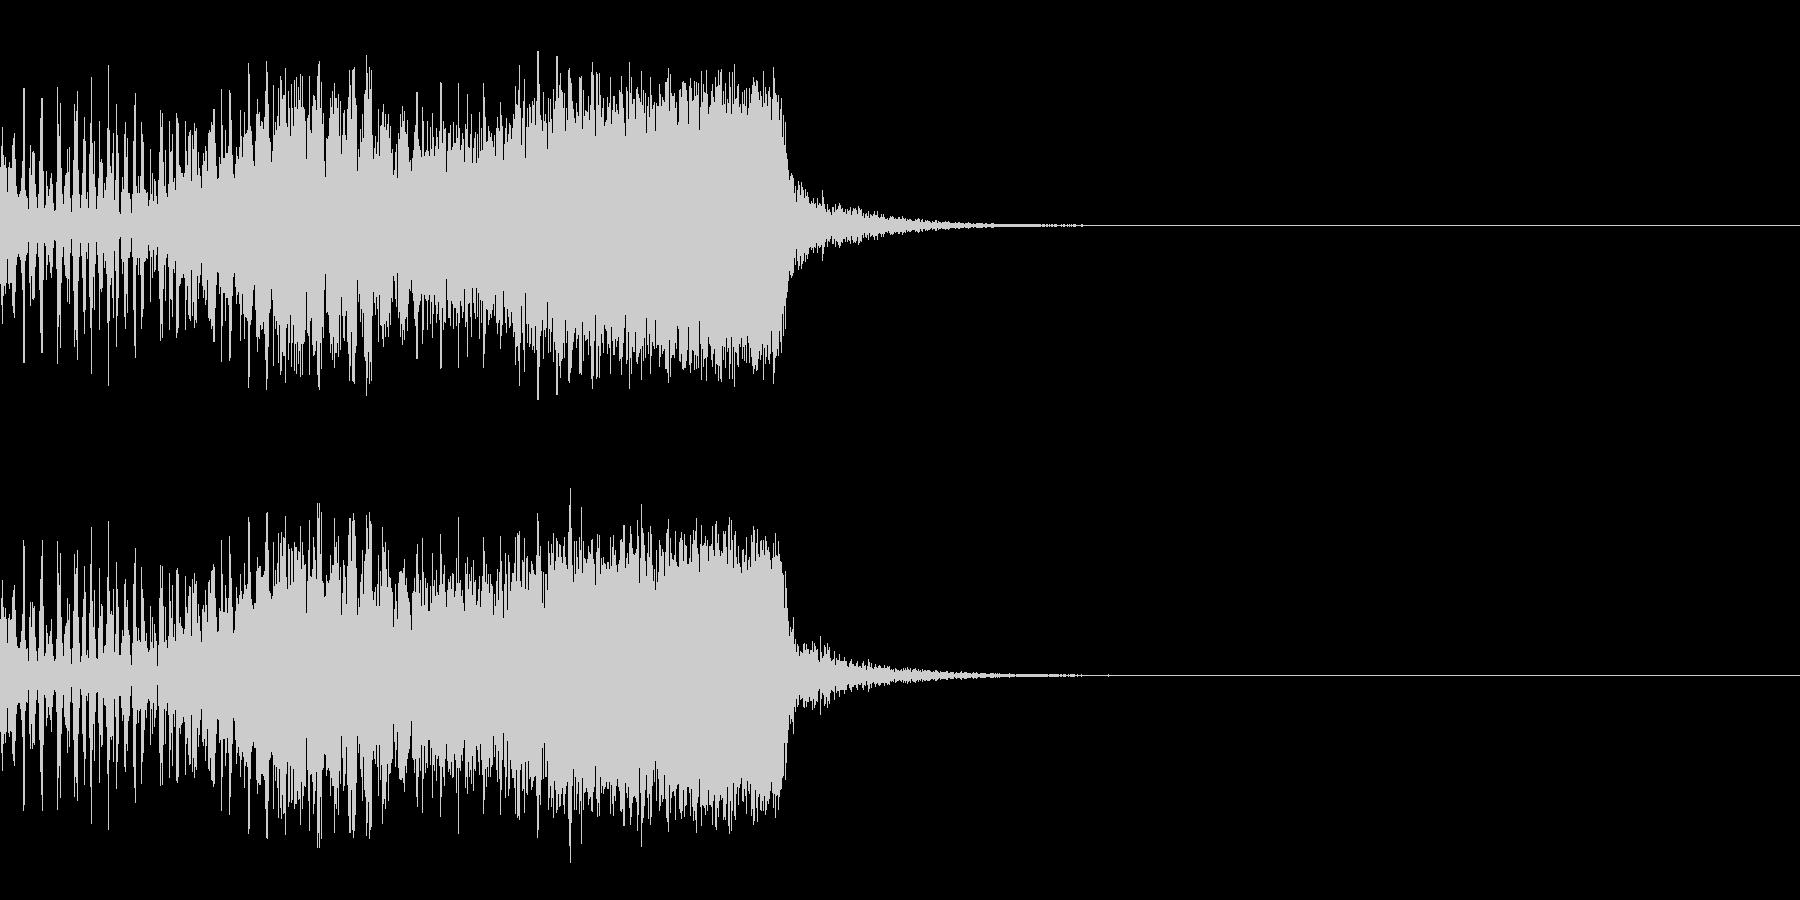 スパーク音-12の未再生の波形